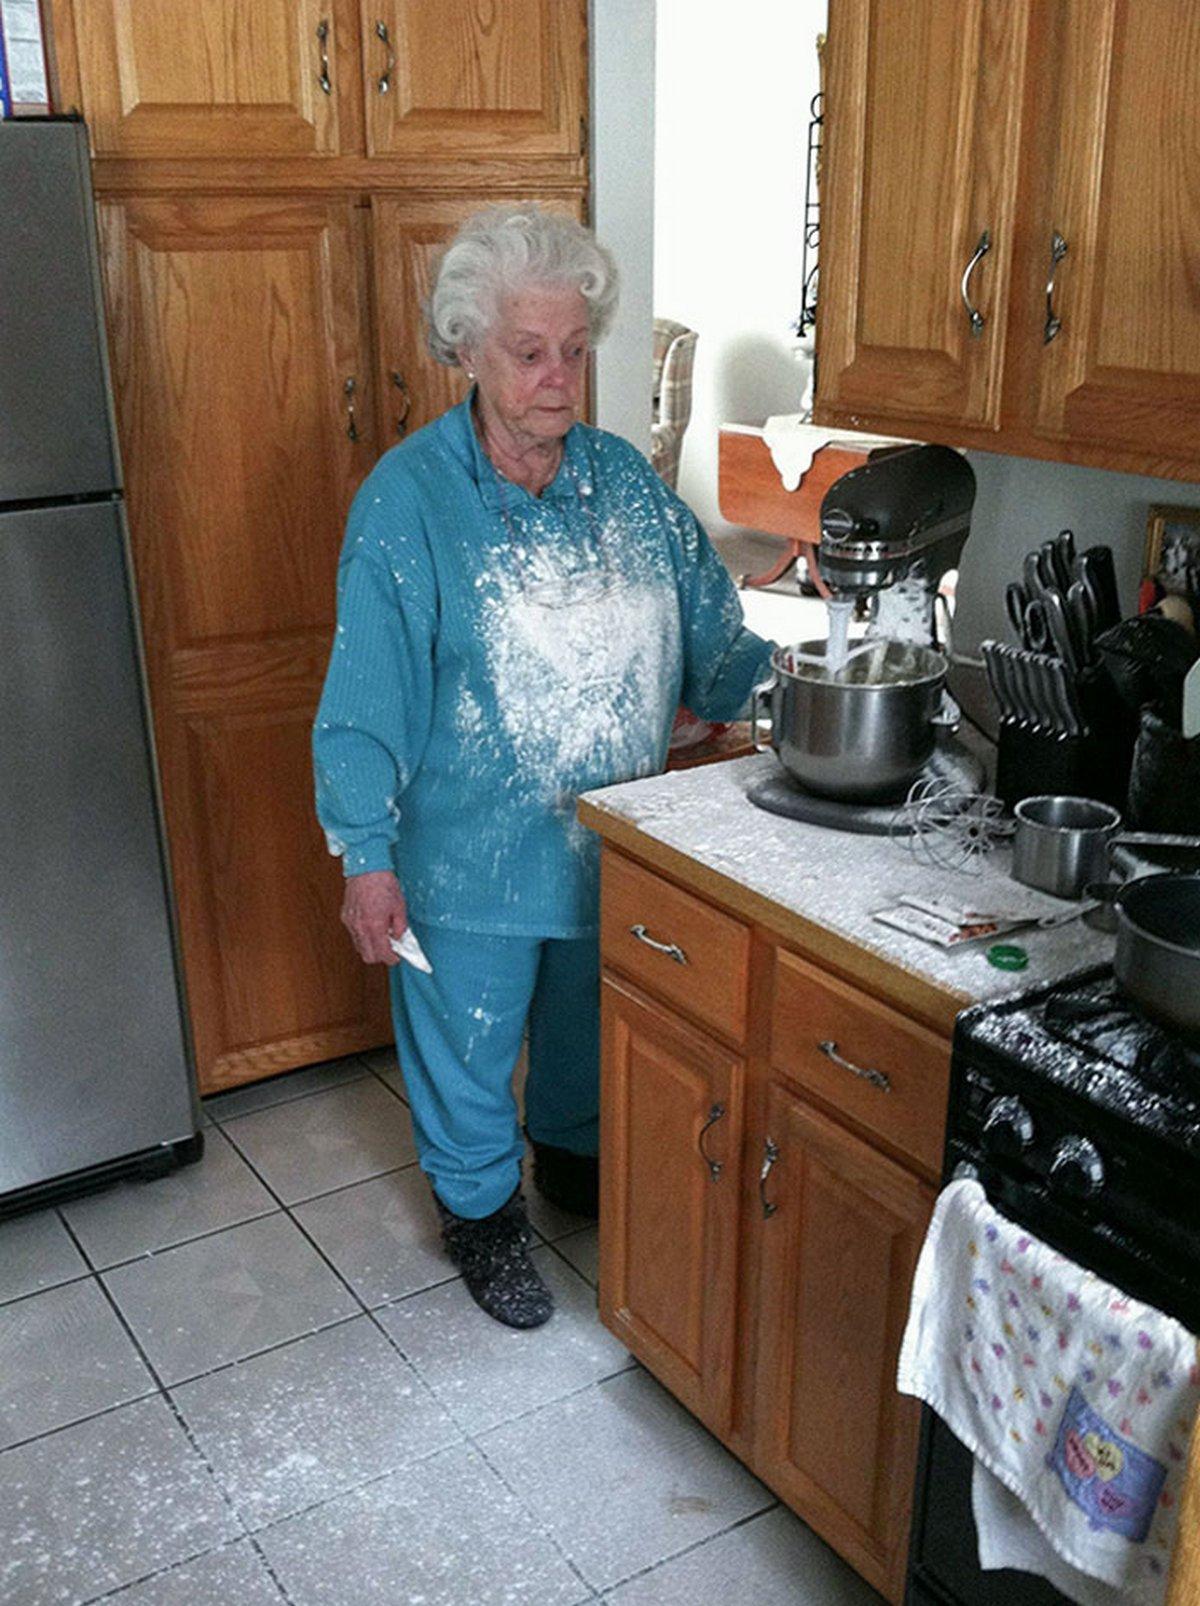 Ces personnes âgées hilarantes n'ont pas réussi à utiliser quelque chose correctement